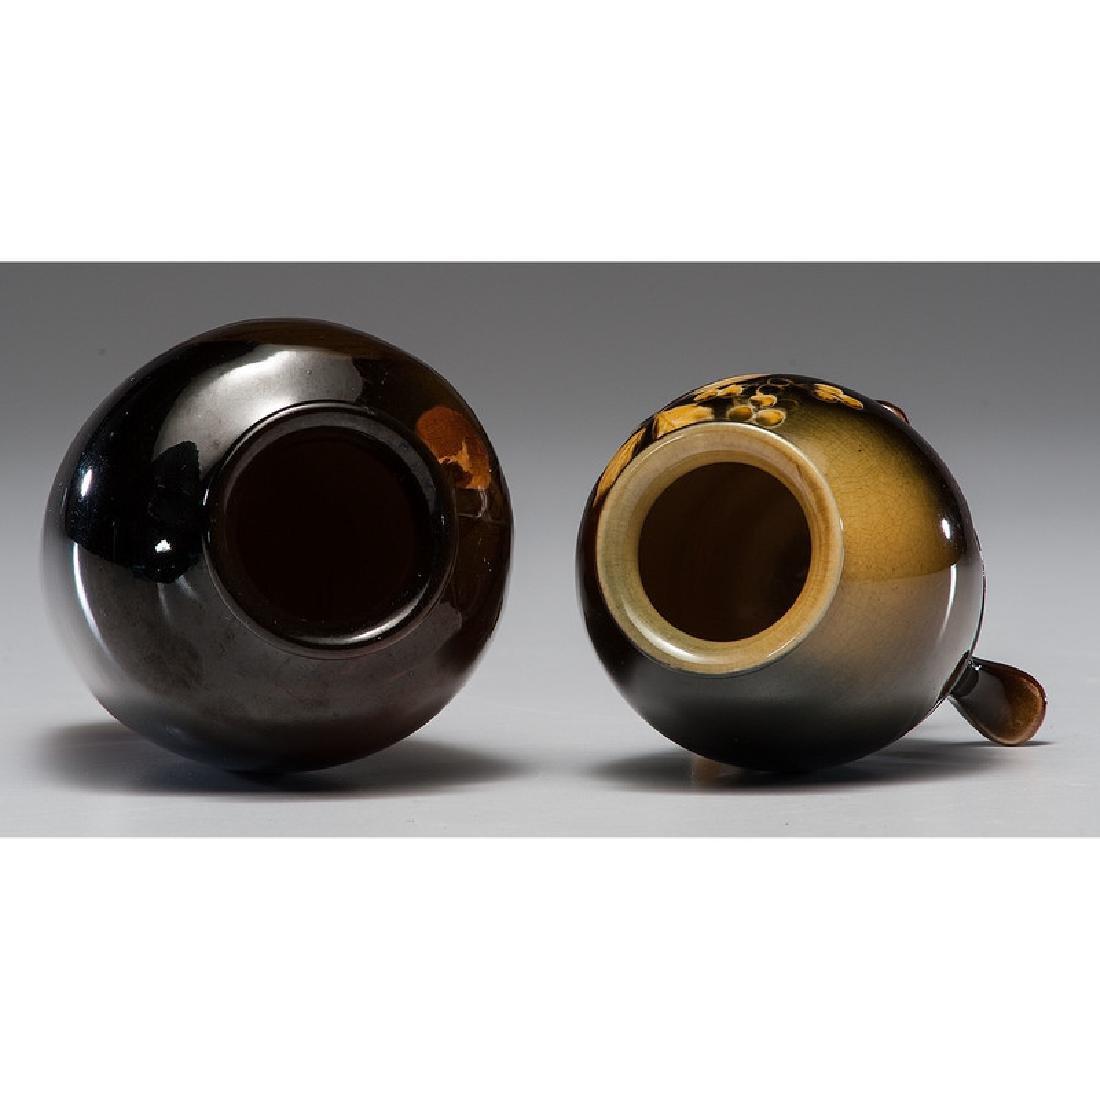 Rookwood Standard Glaze Vases - 3